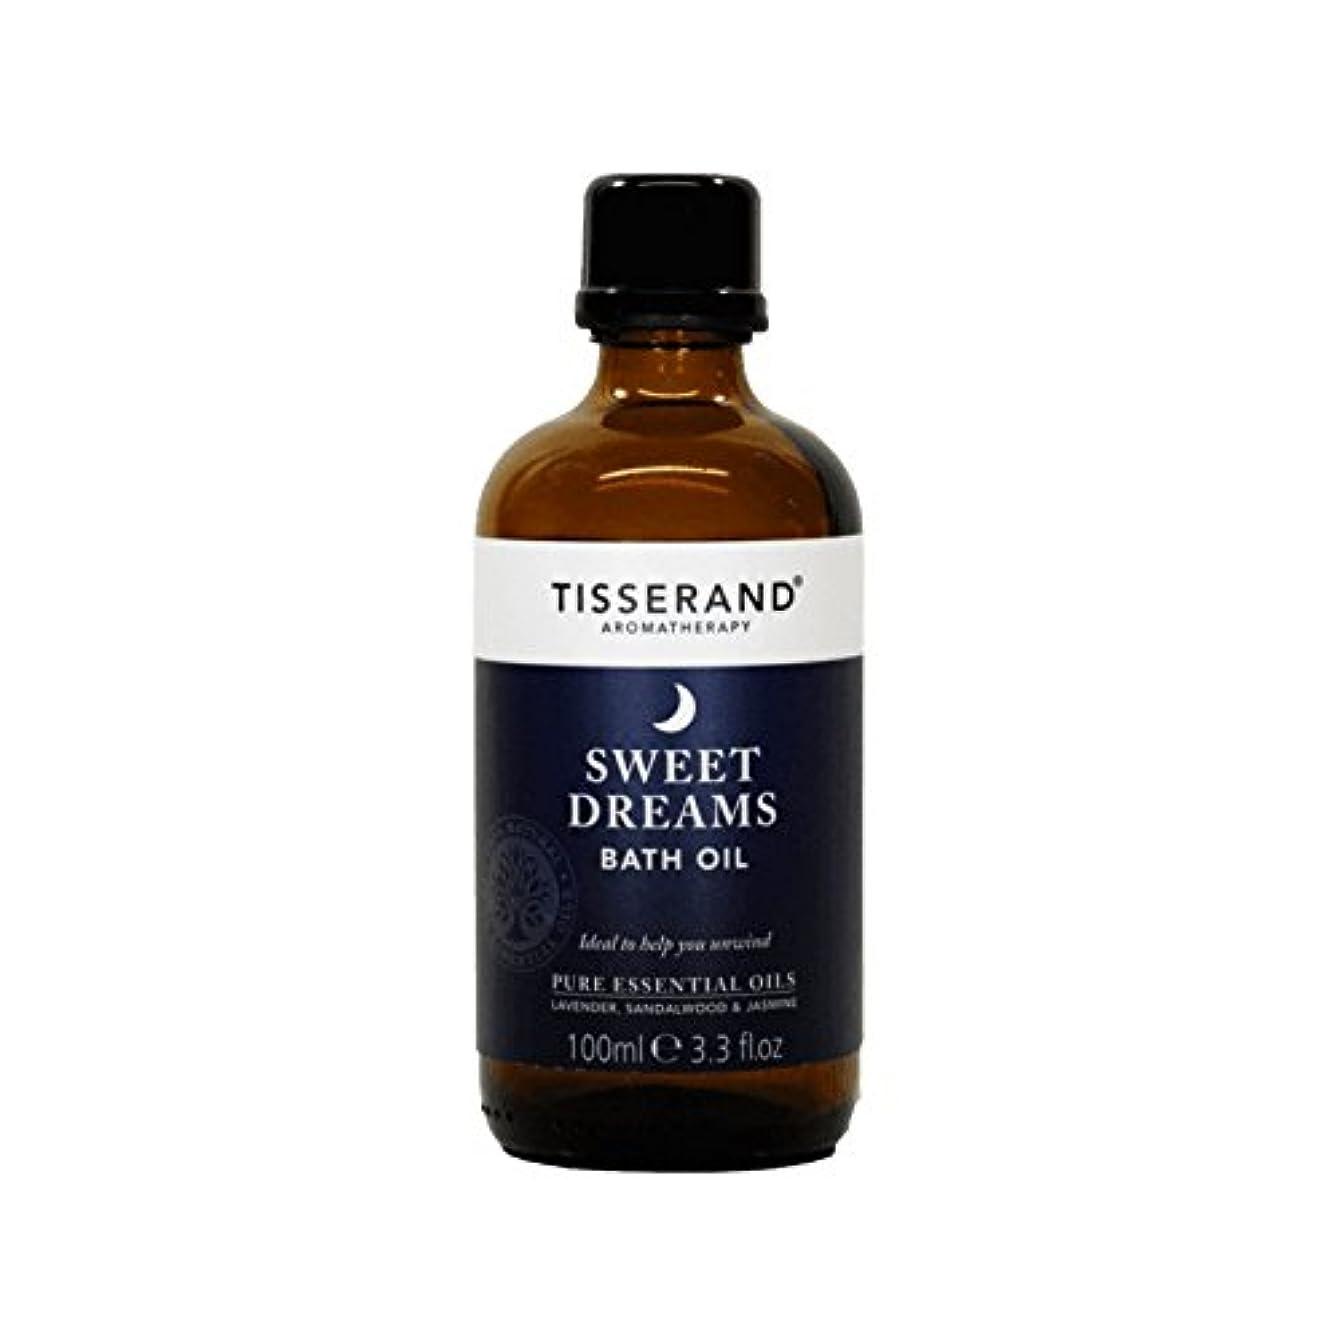 制約湿気の多い会計ティスランド甘い夢バスオイルの100ミリリットル - Tisserand Sweet Dreams Bath Oil 100ml (Tisserand) [並行輸入品]